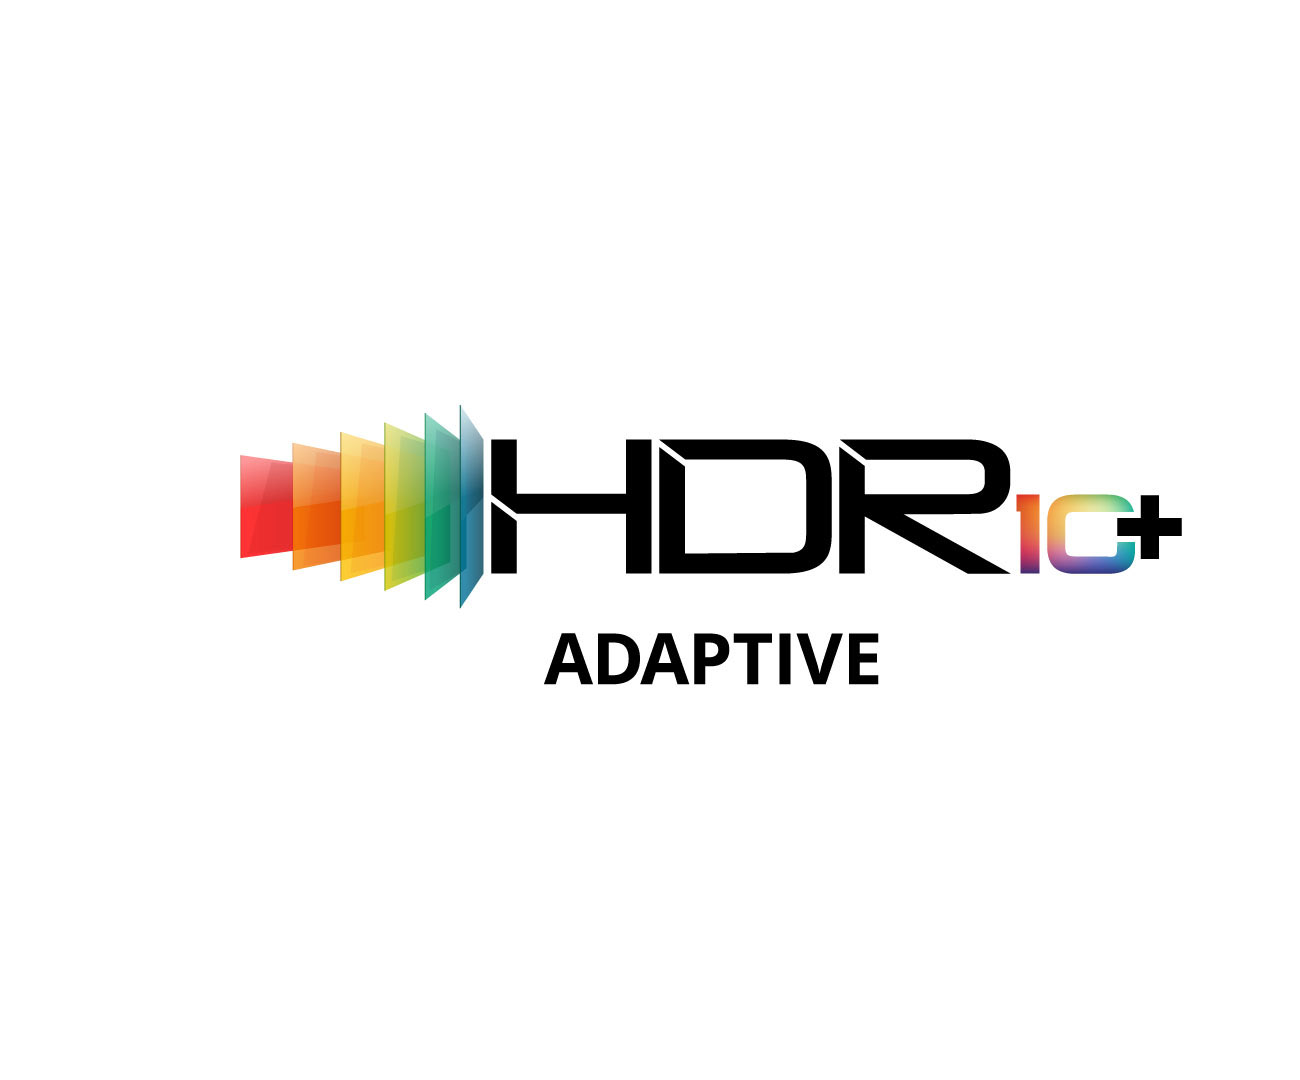 HDR10+ Adaptive. Wiecie, że prawdopodobnie źle odbieracie treści HDR?